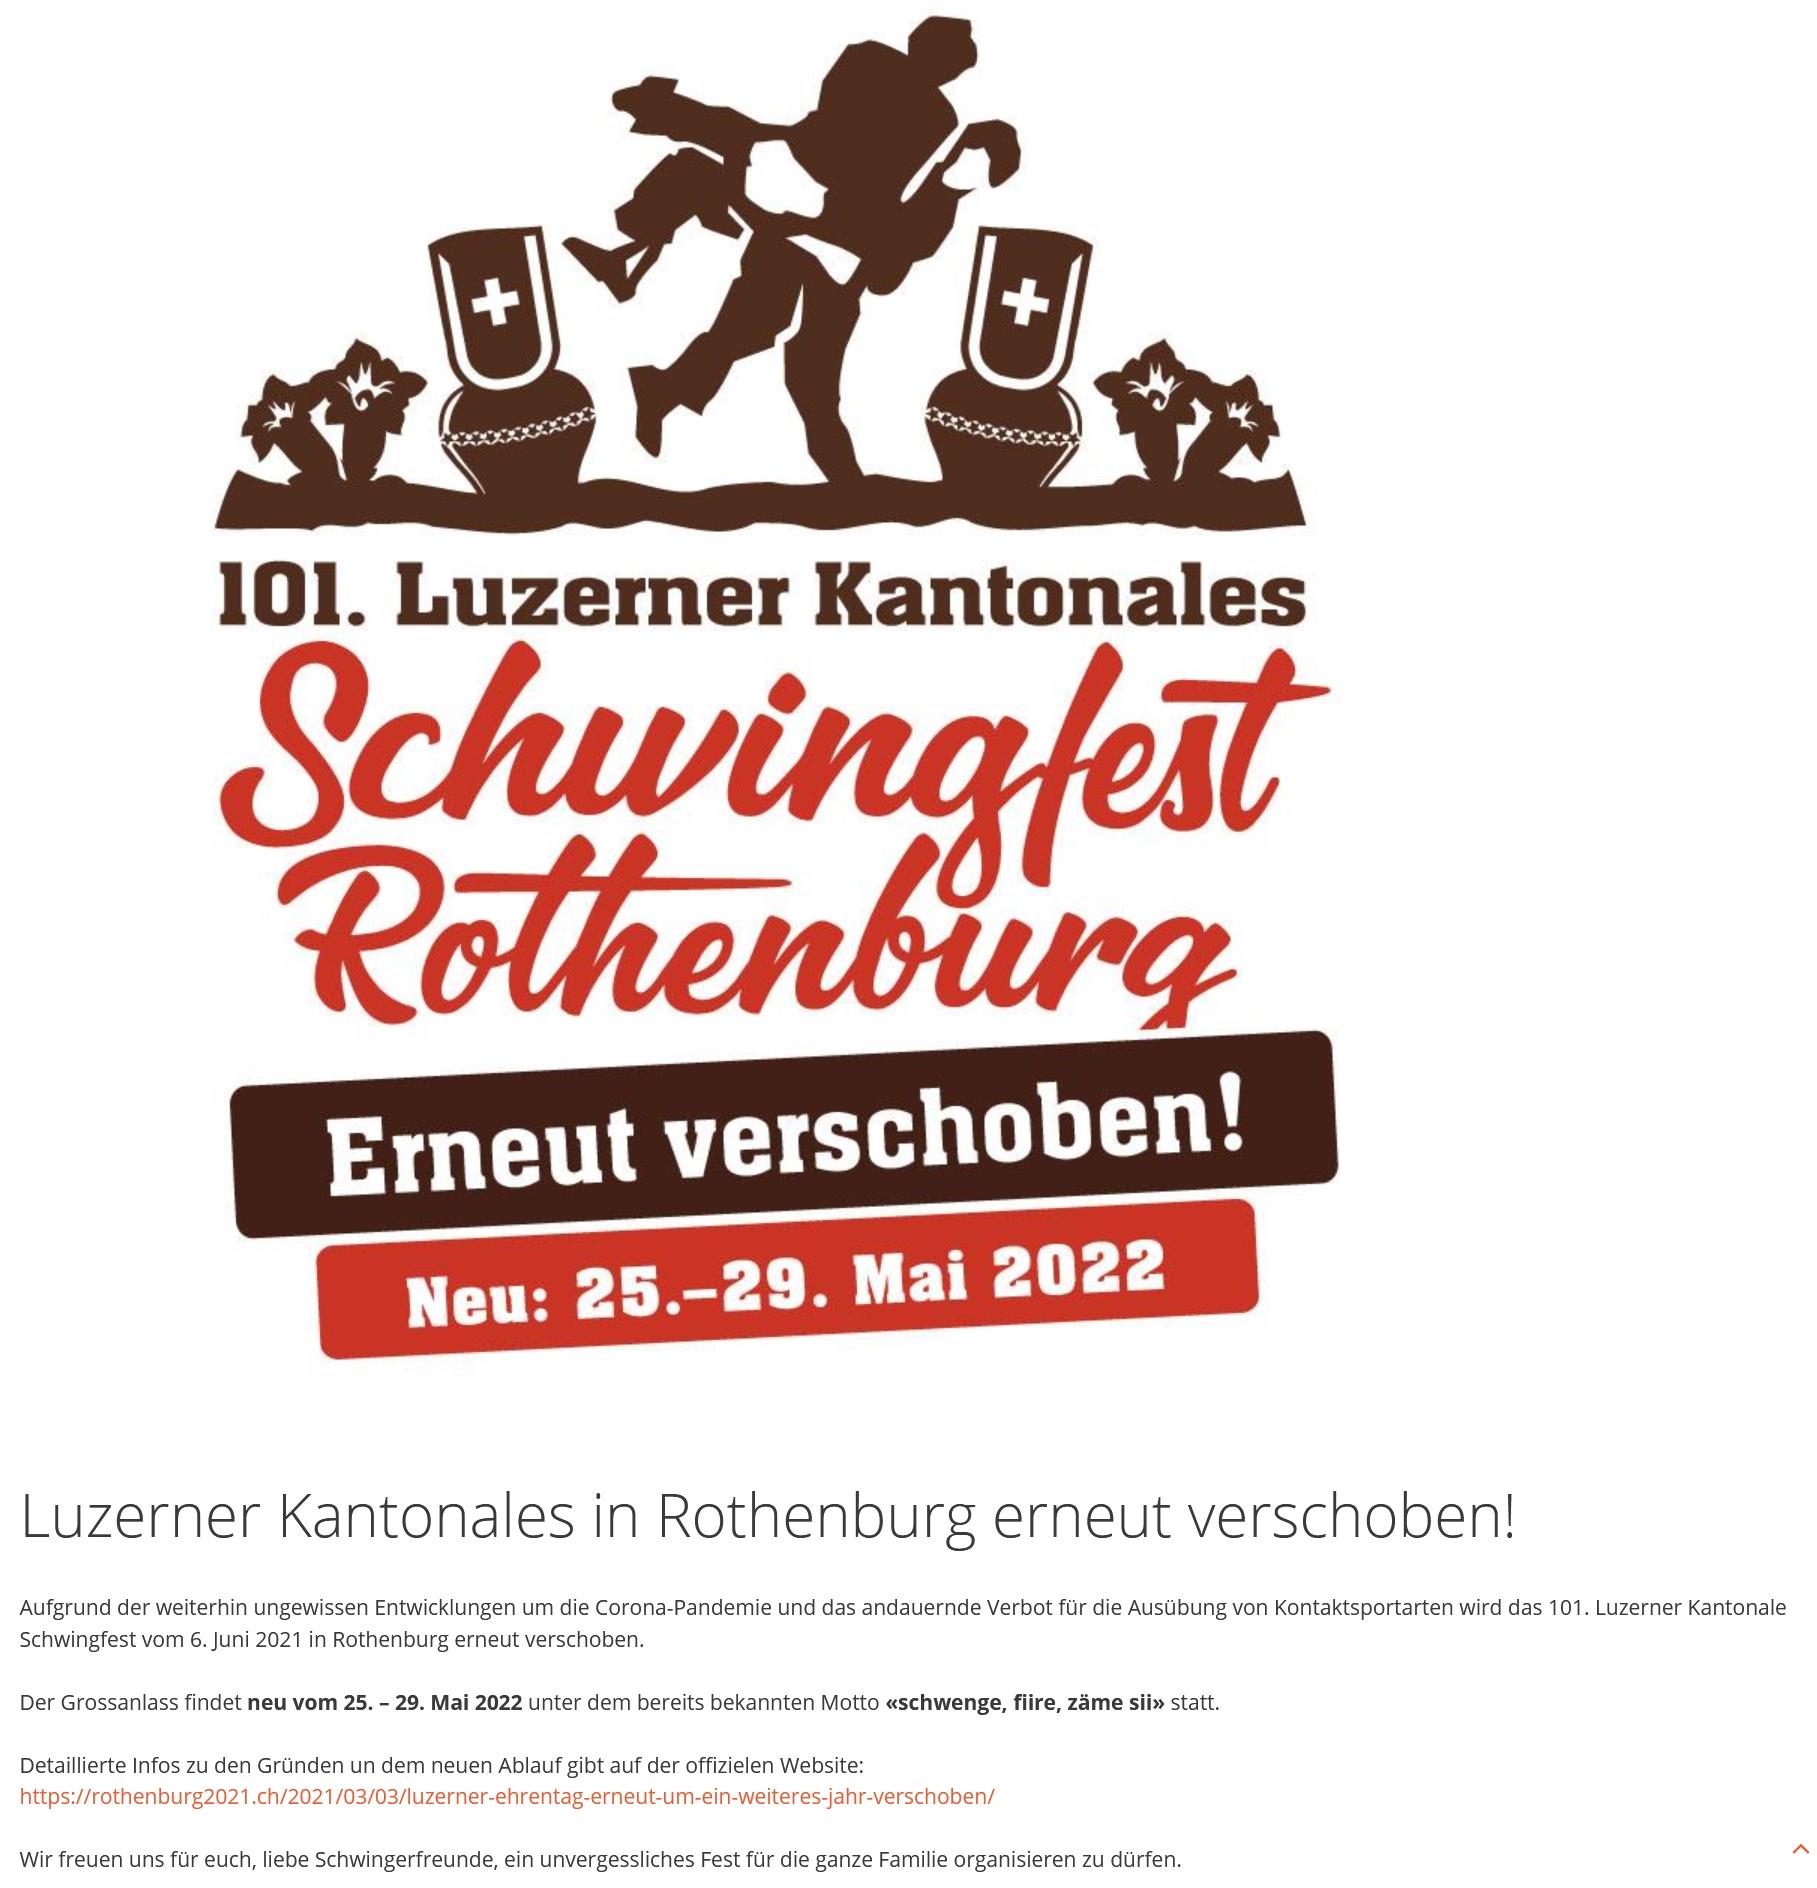 Luzerner Kantonales in Rothenburg erneut verschoben! – Schwingklub Rothenburg un.jpg